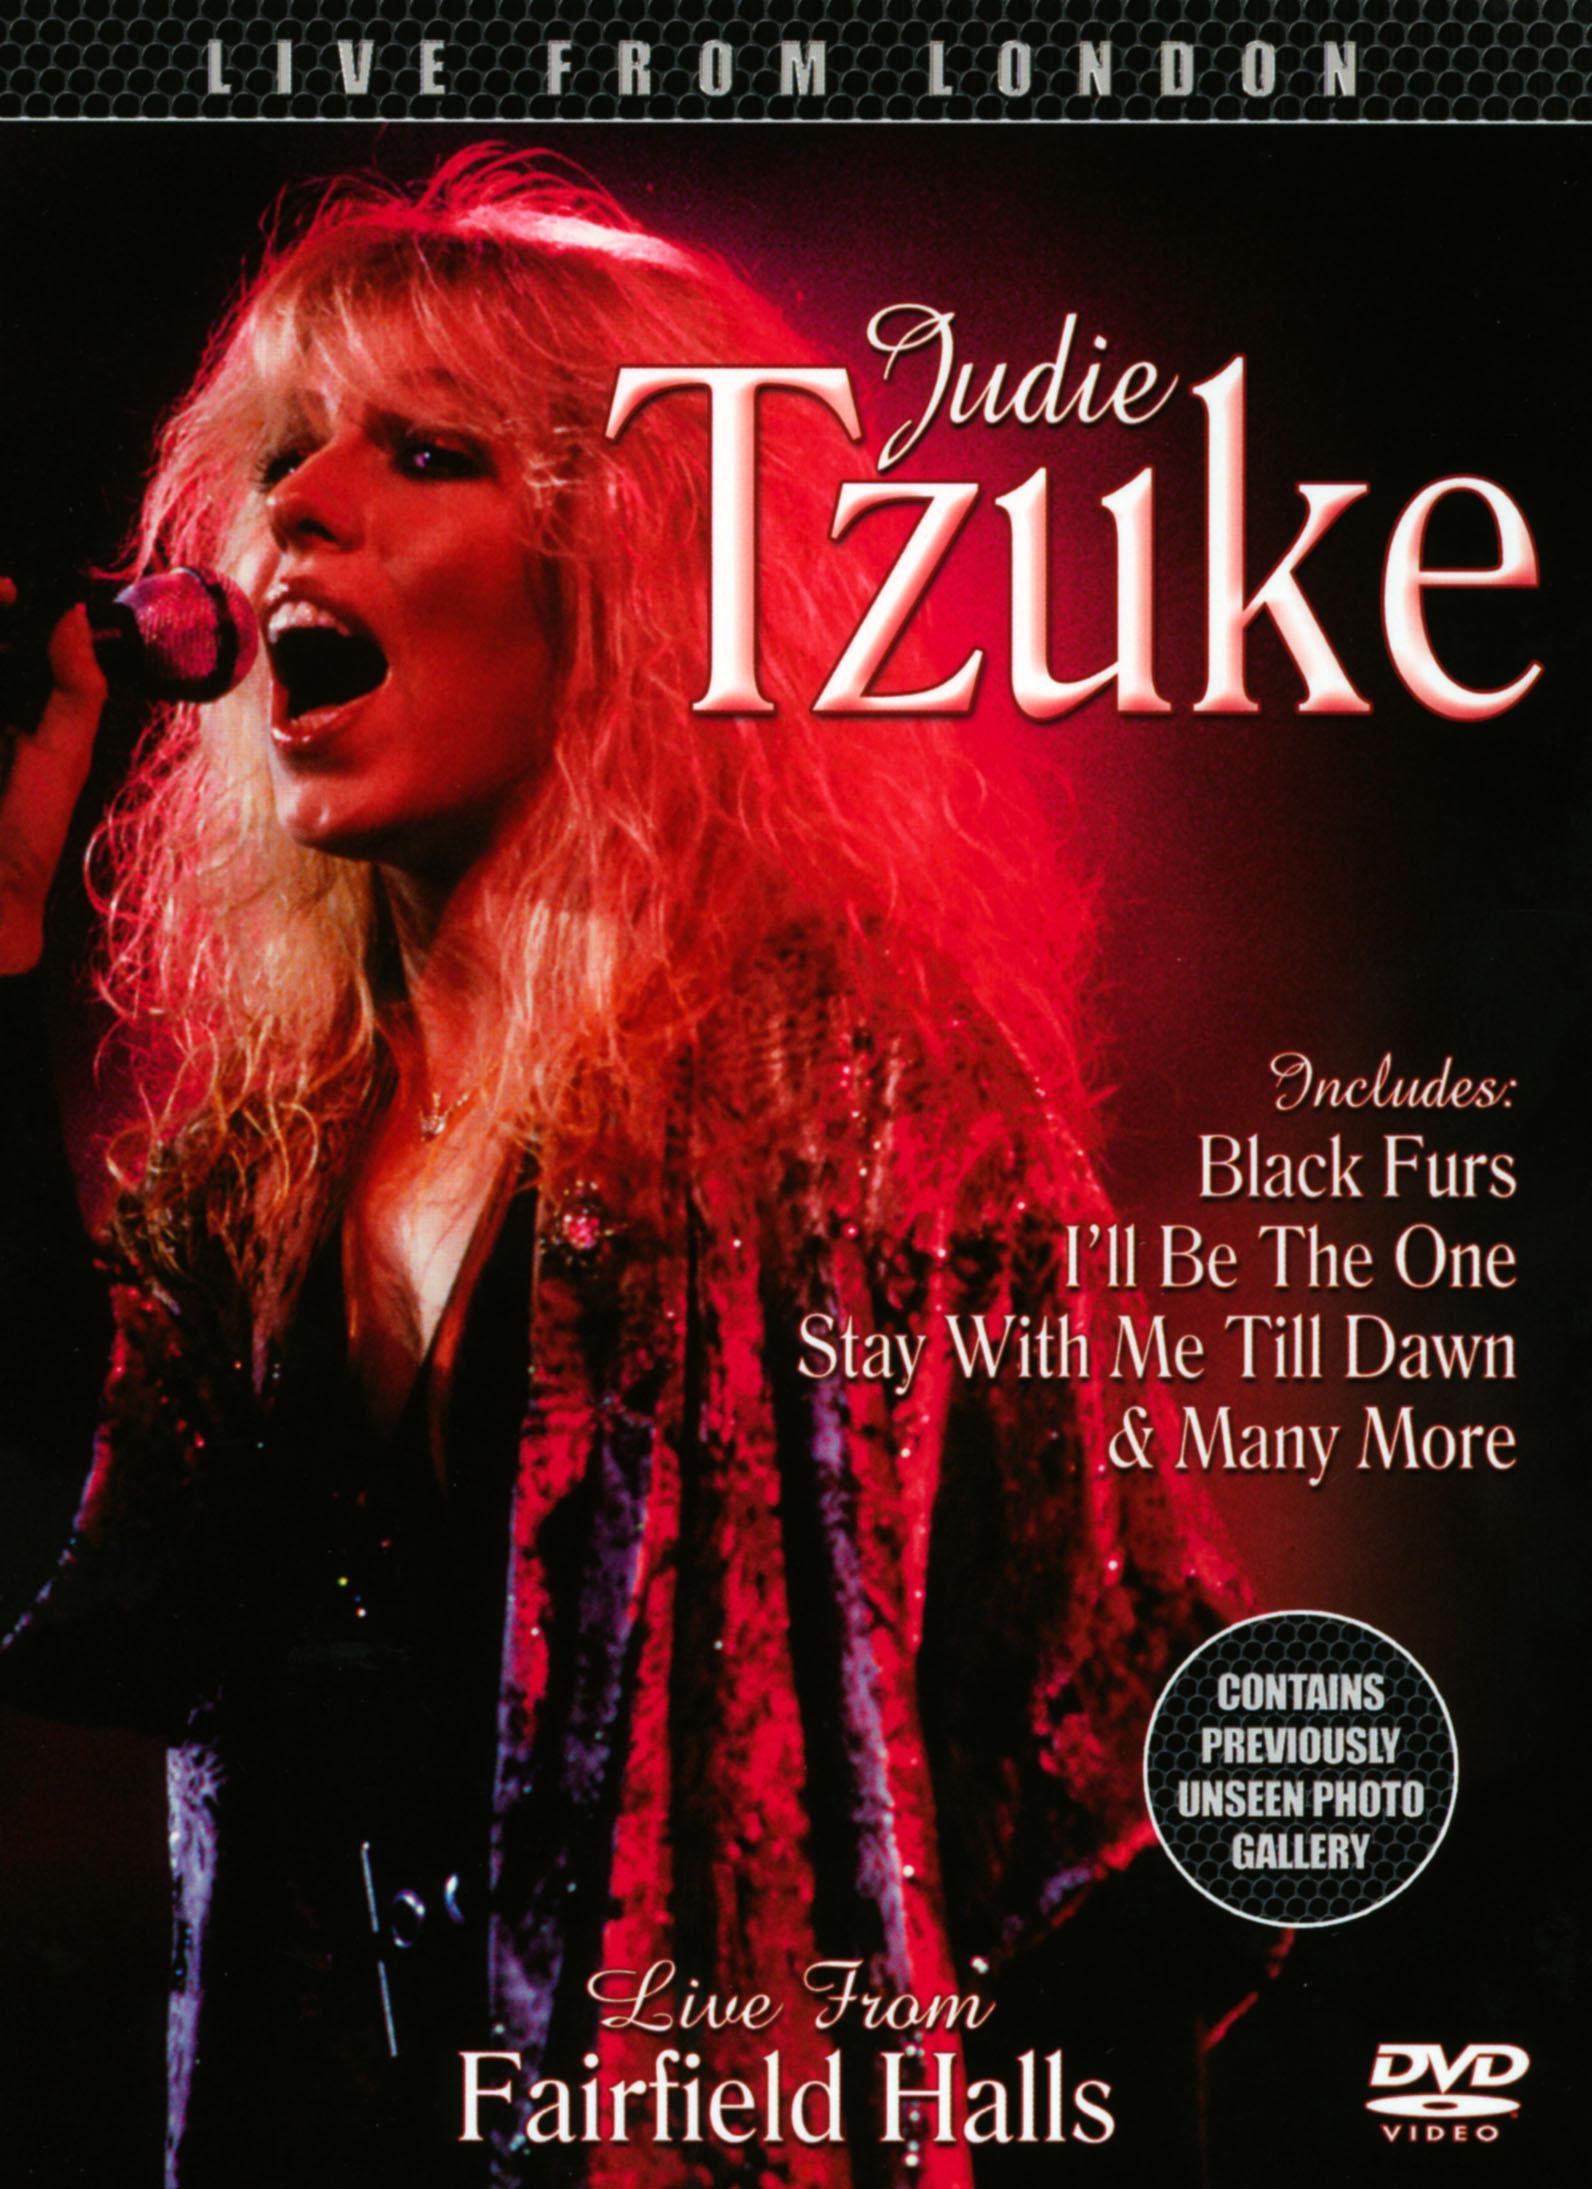 Judie Tzuke: Live from London - Fairfield Halls